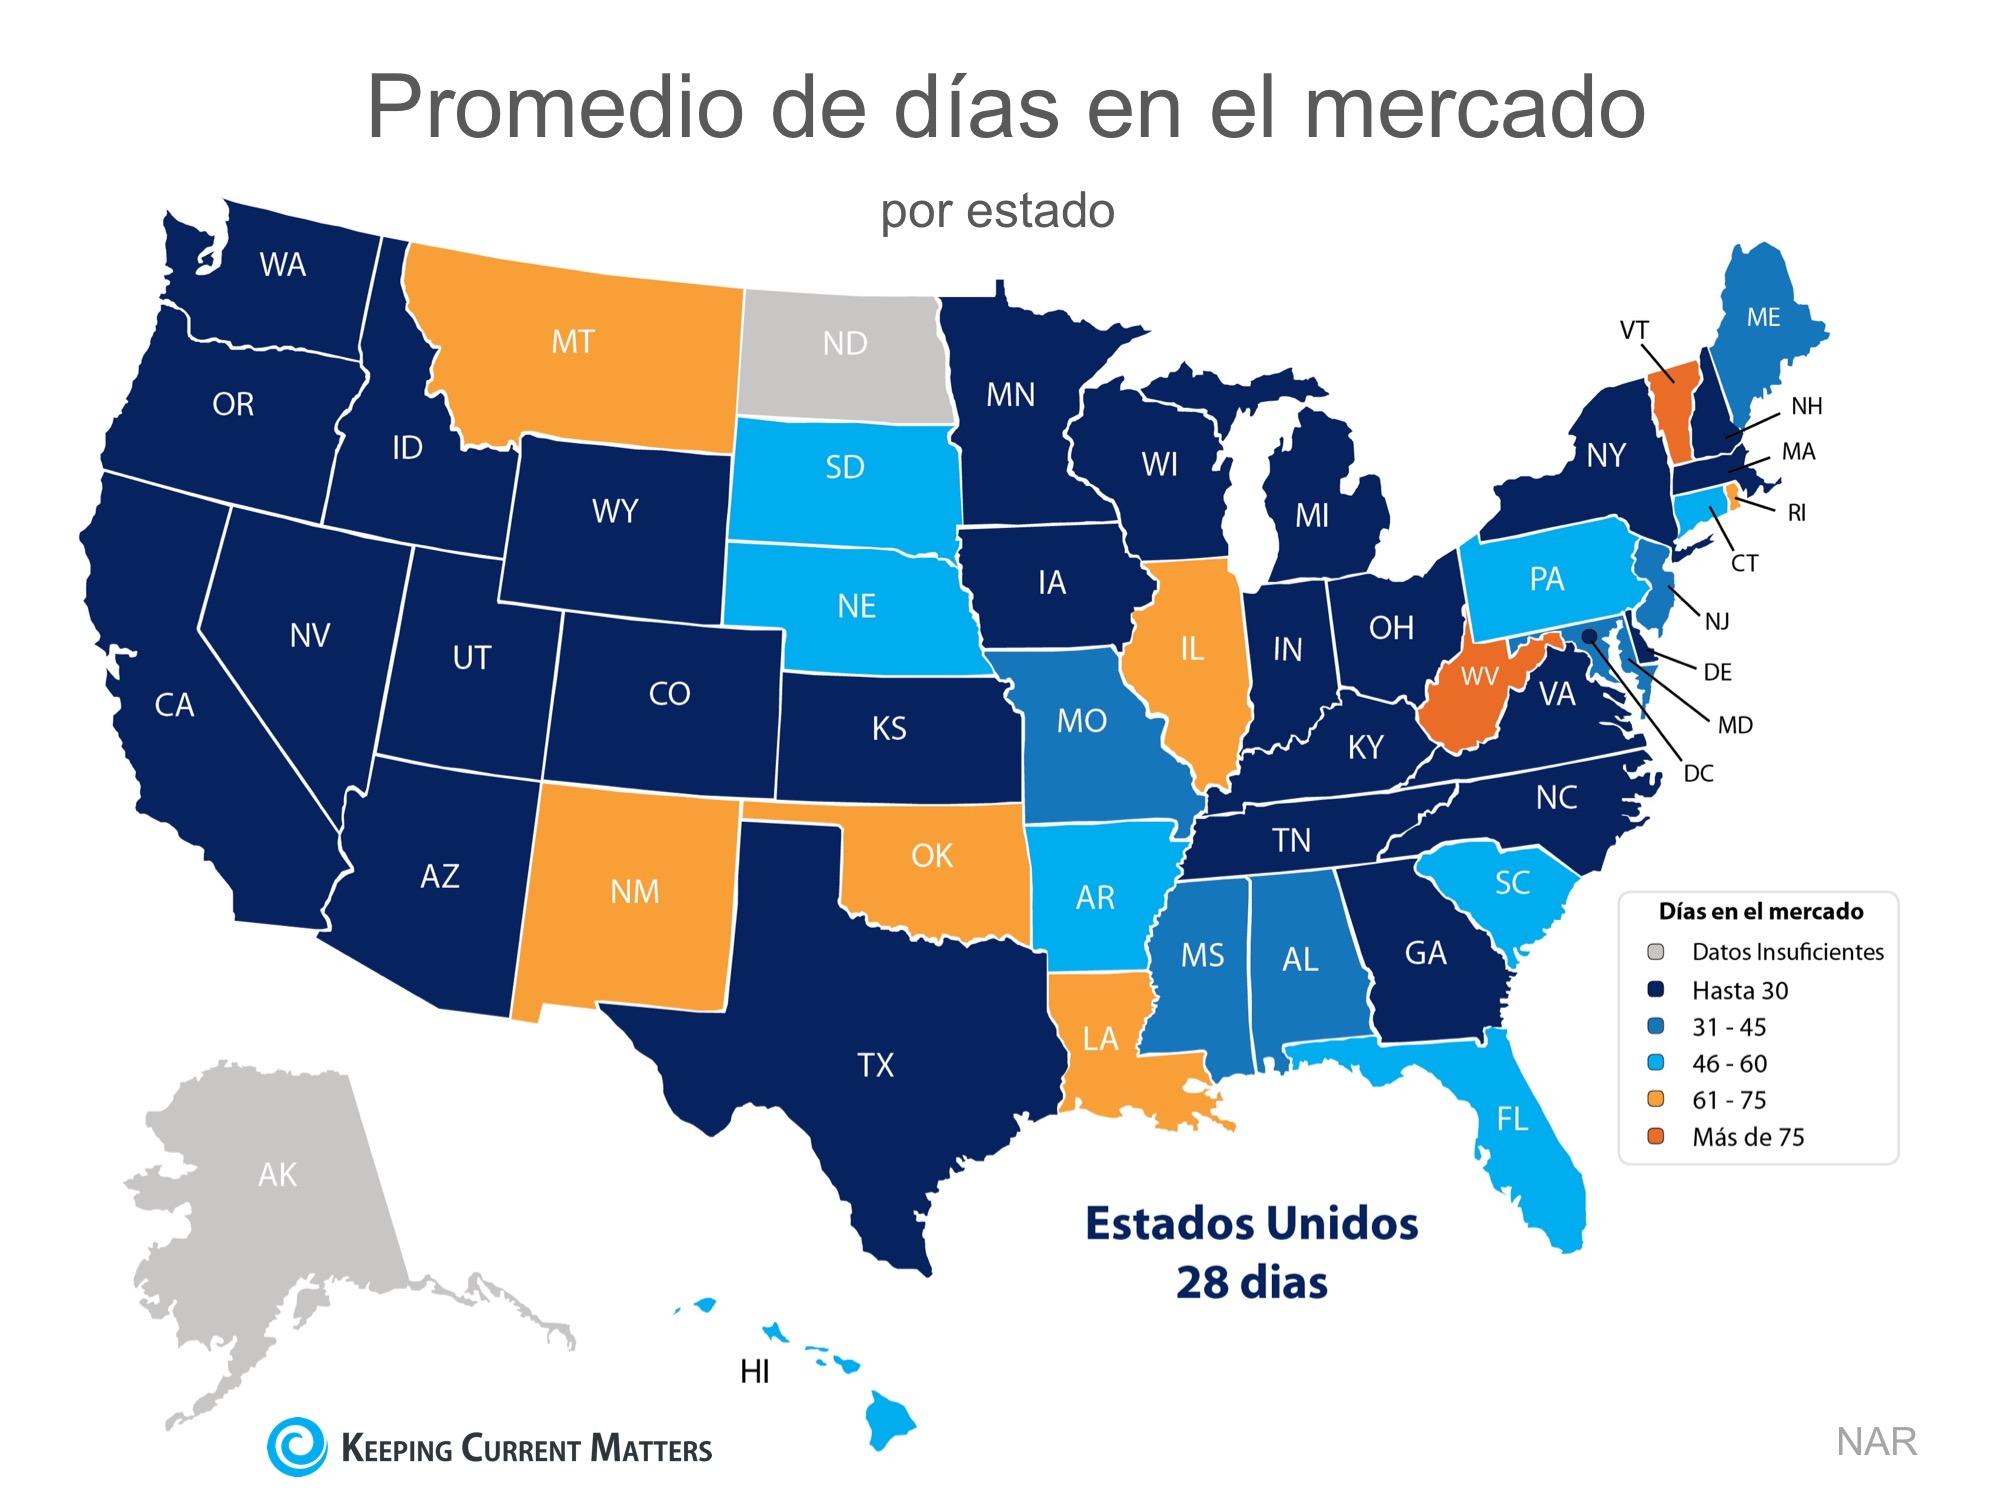 Las viviendas se están vendiendo rápidamente en todo el país | Keeping Current Matters